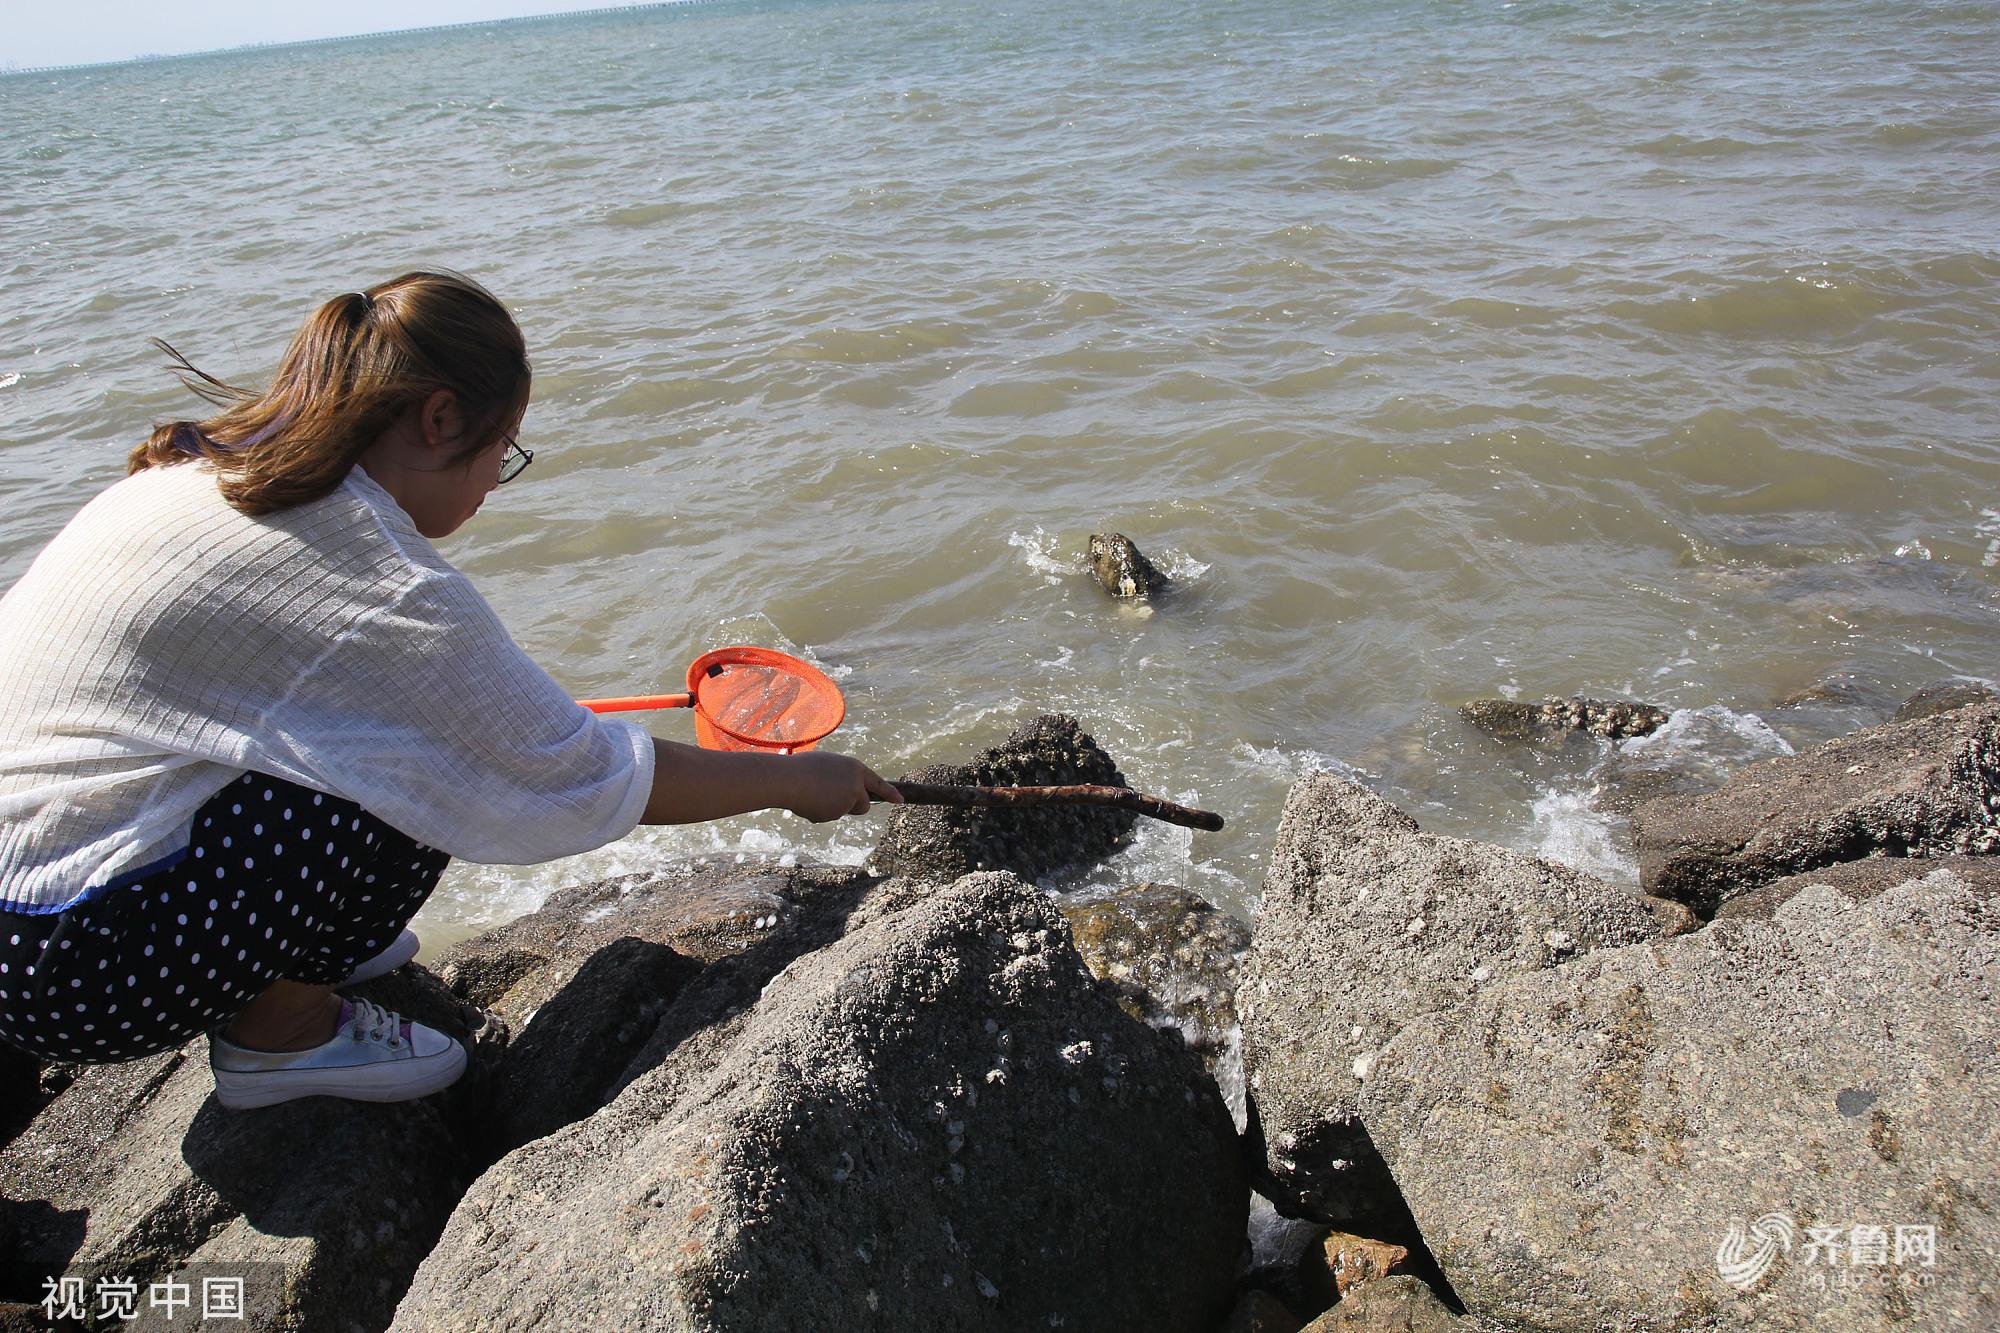 青岛:中秋假日 市民胶州湾畔享受钓蟹乐趣